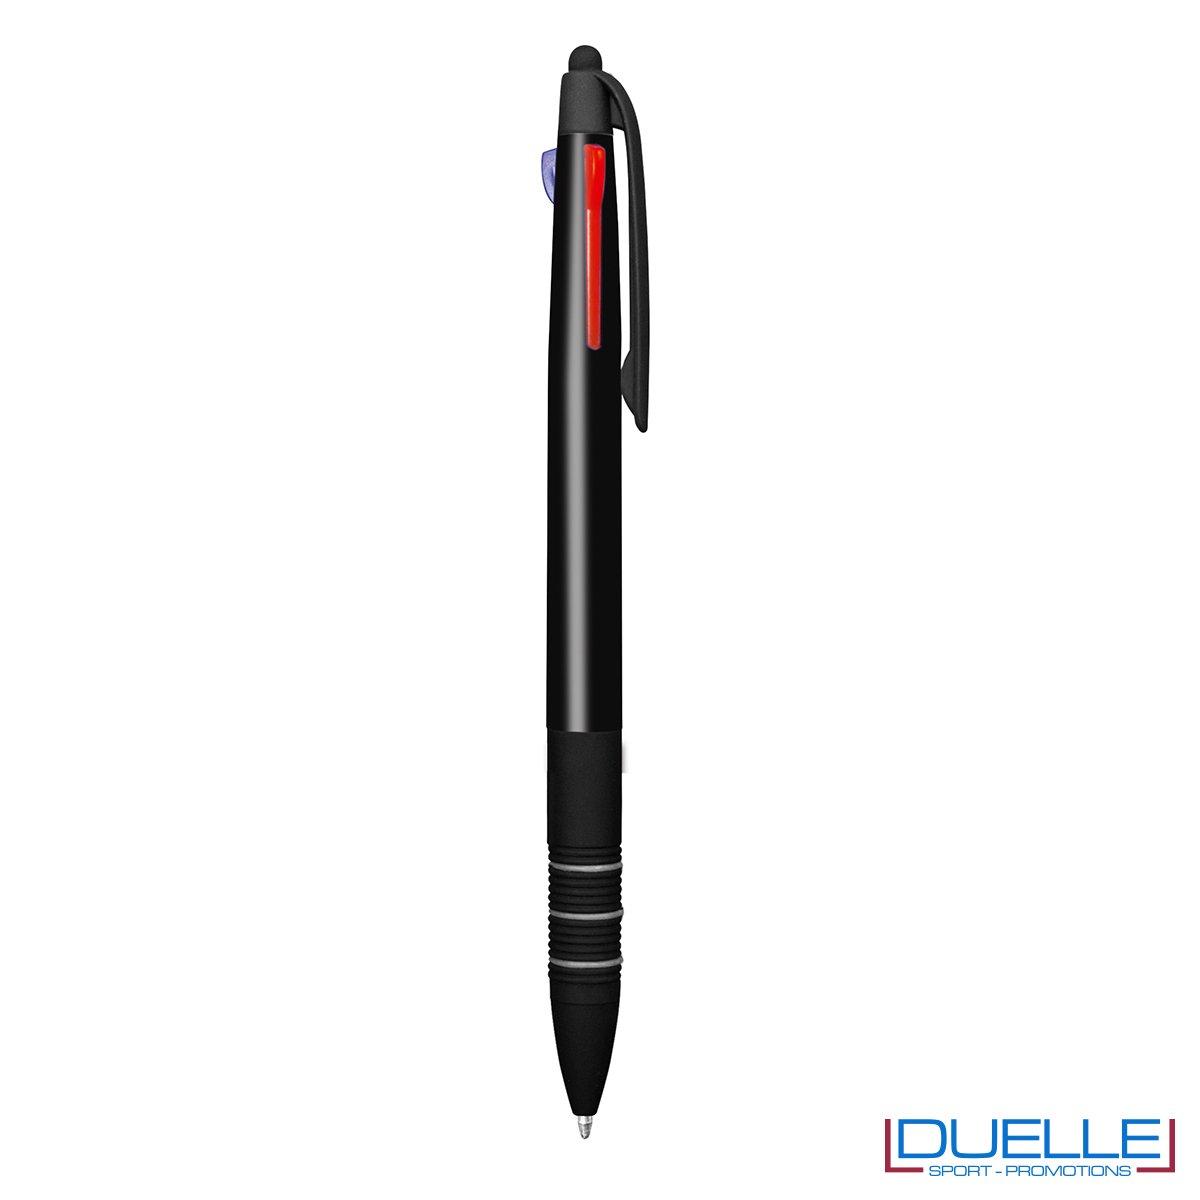 Penna personalizzata con touch 3 in 1 colore nero